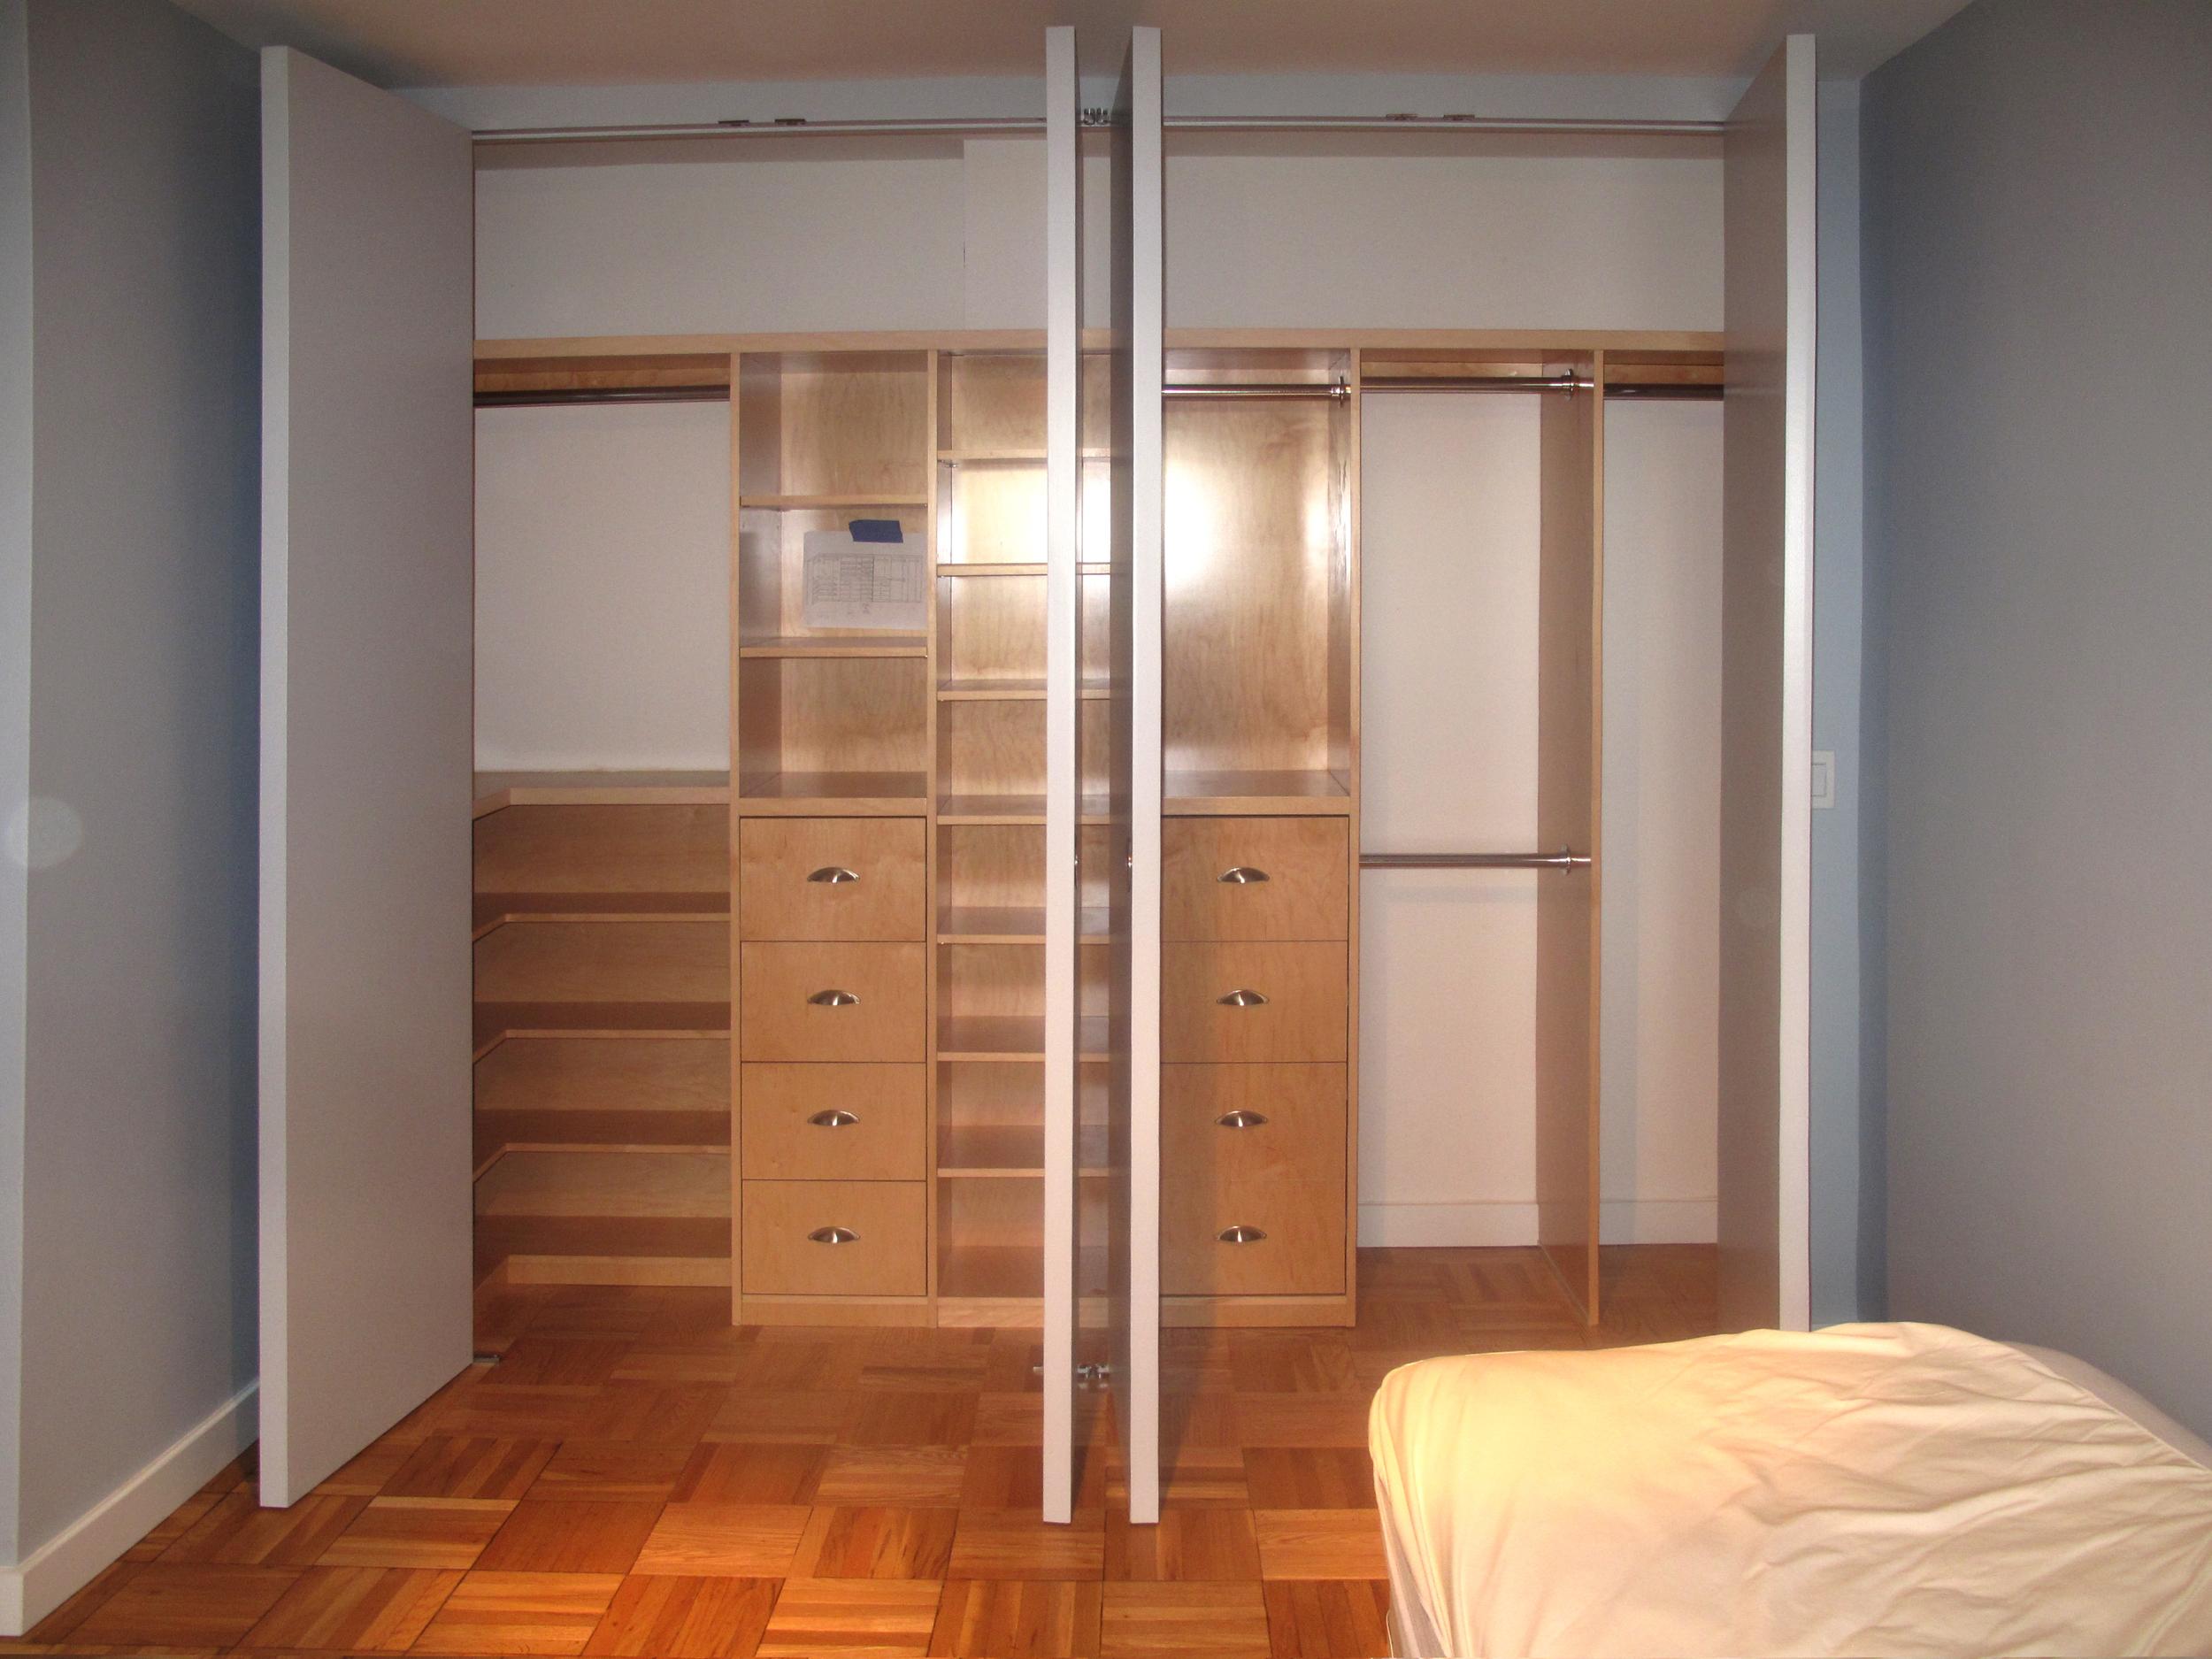 BedroomClosetFixture3.jpg